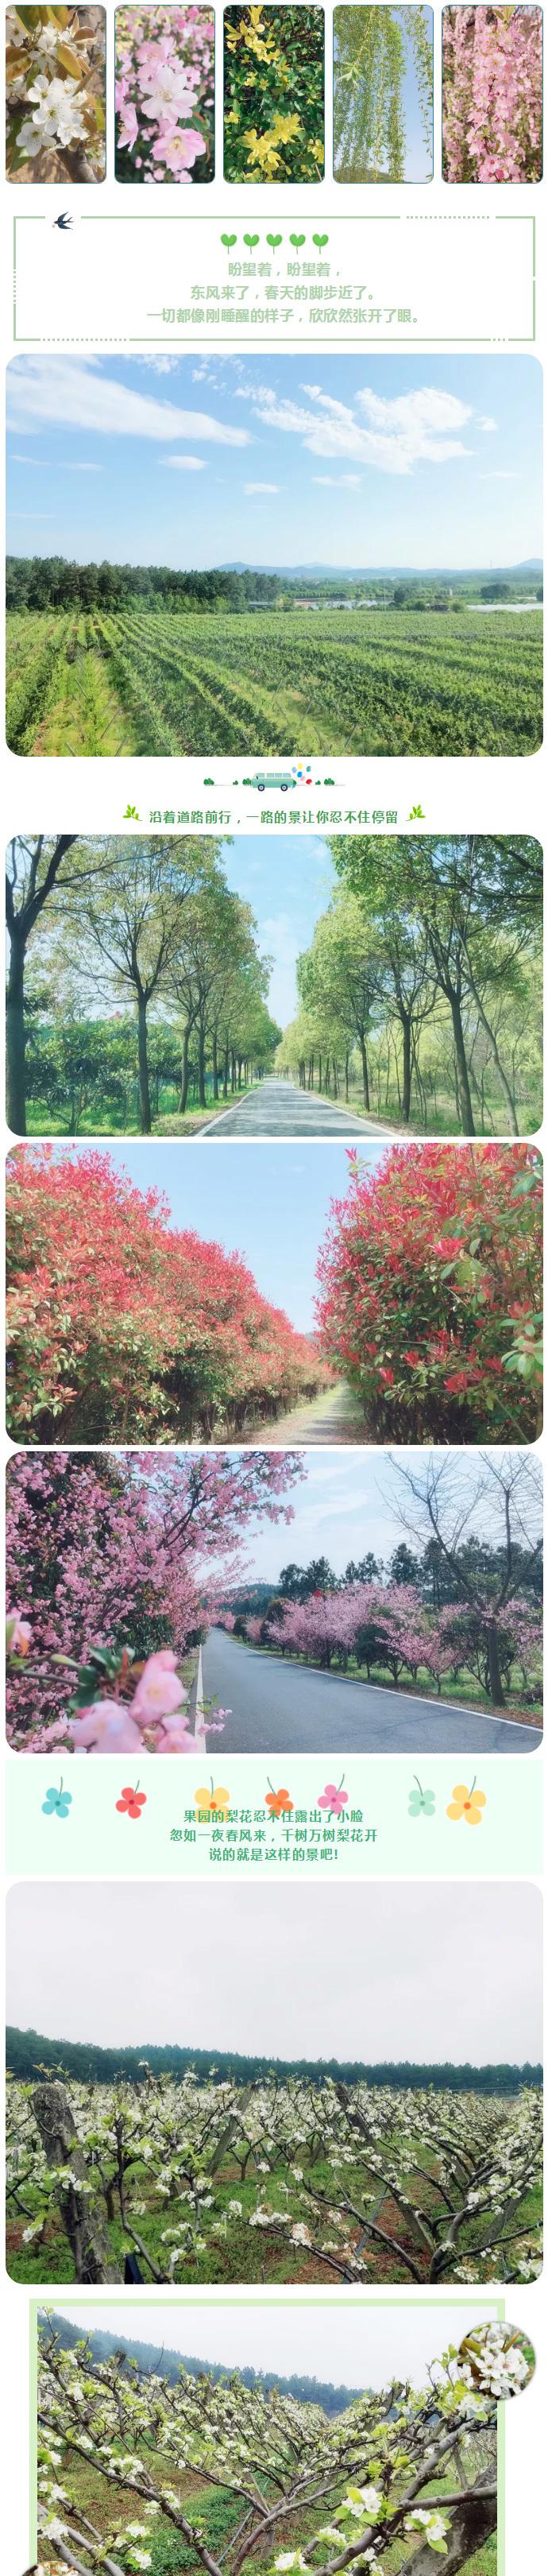 春归山谷,  贴近自然,  体验最美亲子时光